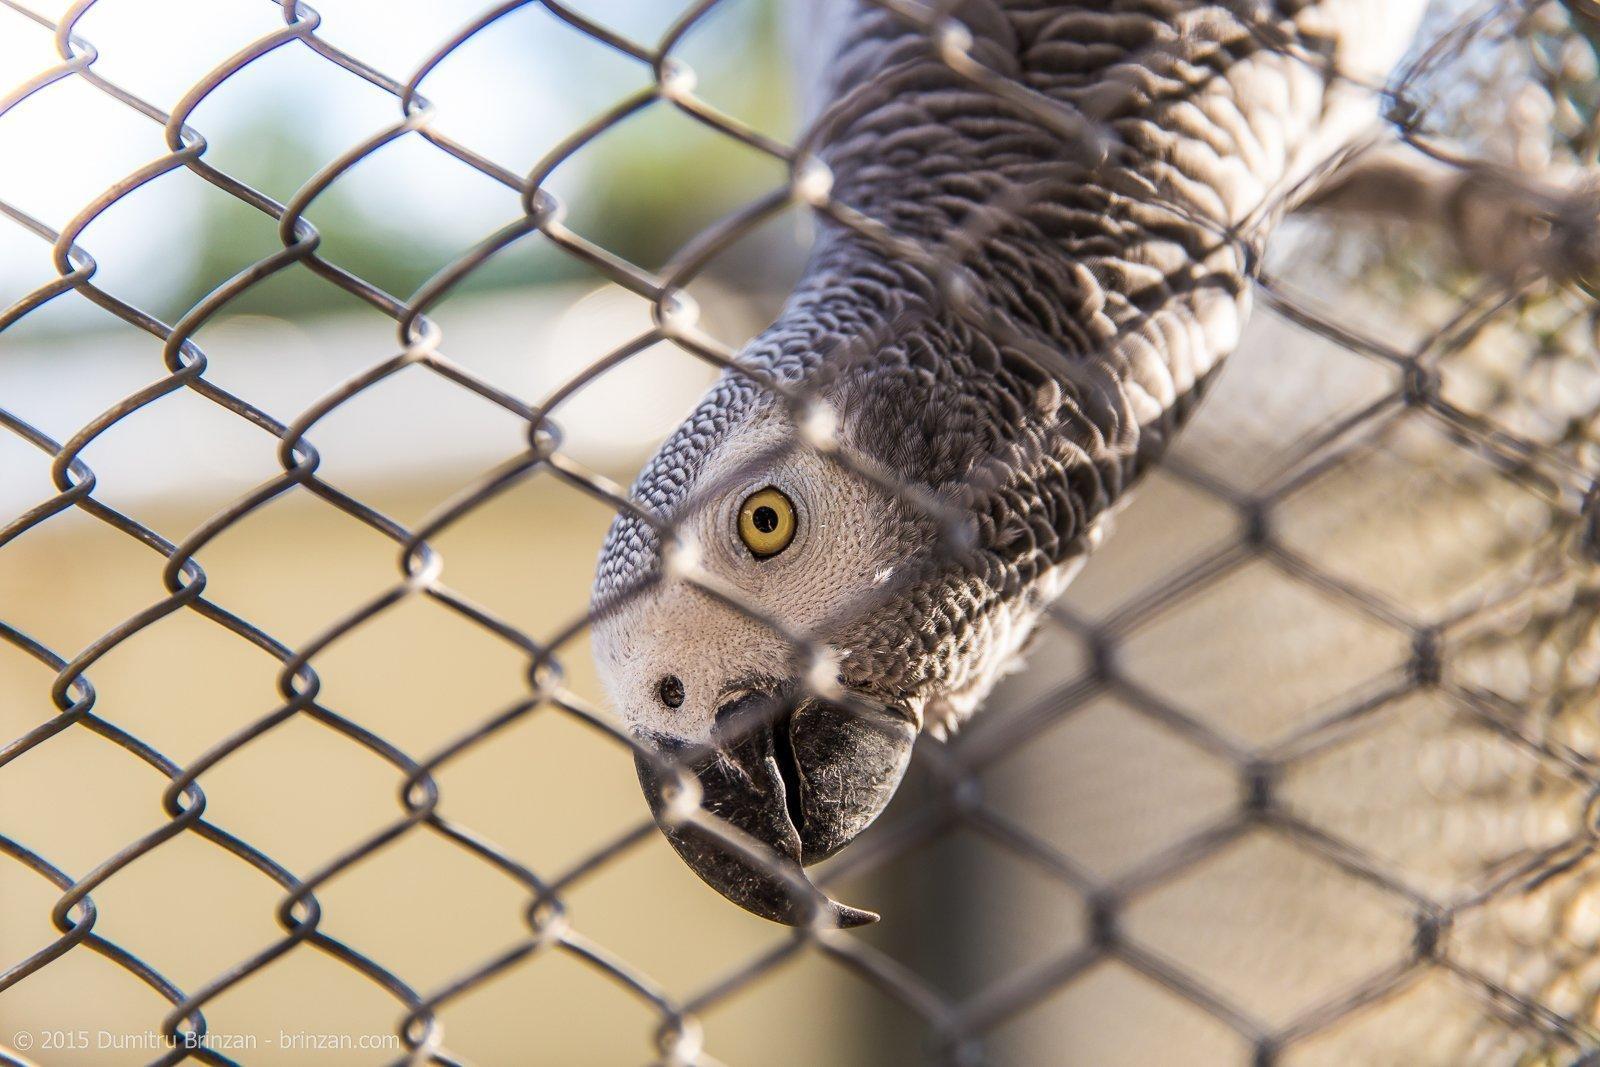 zoo-oradea-romania-2015-24